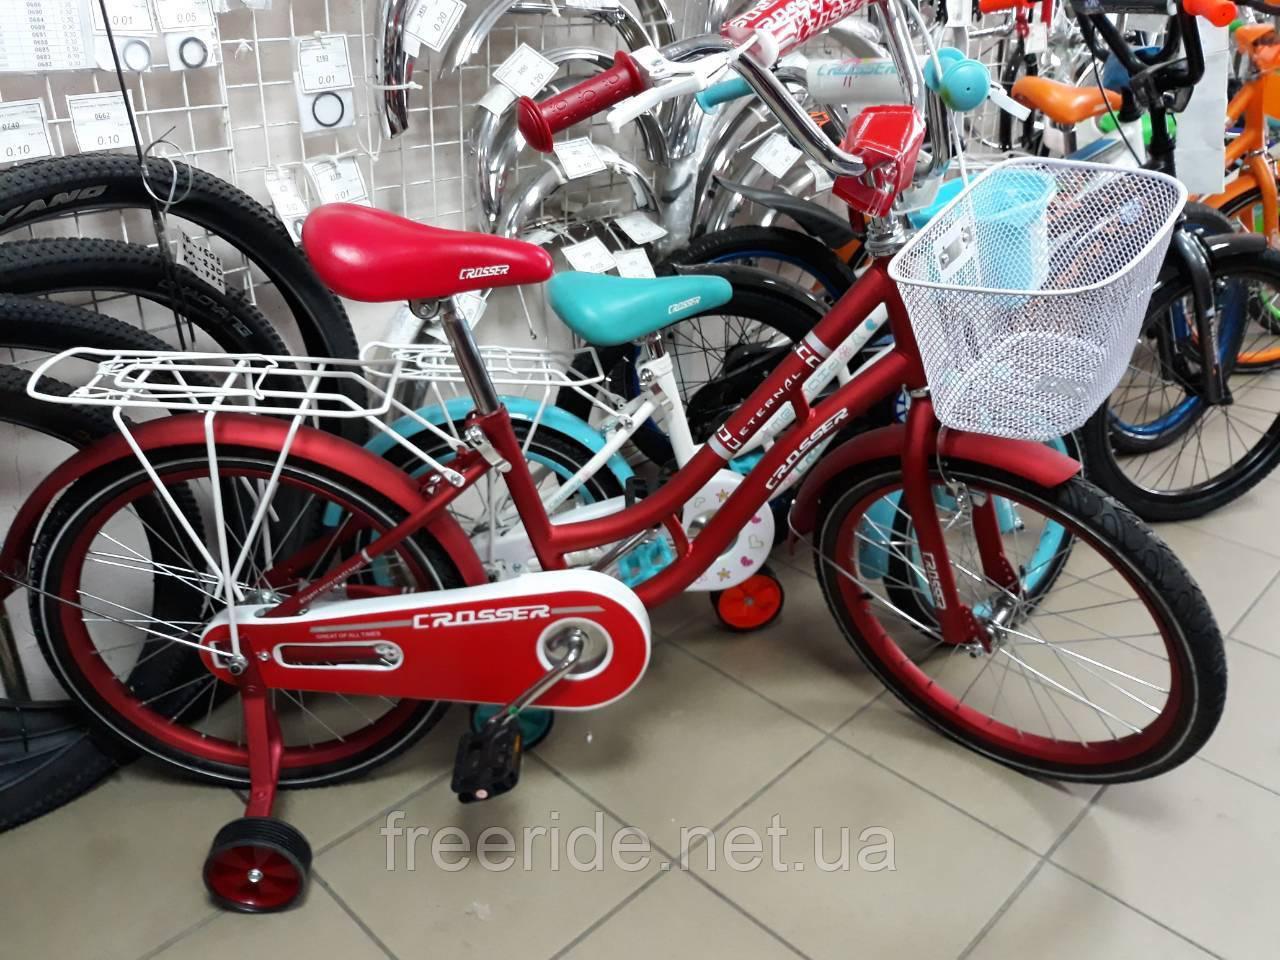 Детский Велосипед Crosser Eternal 20